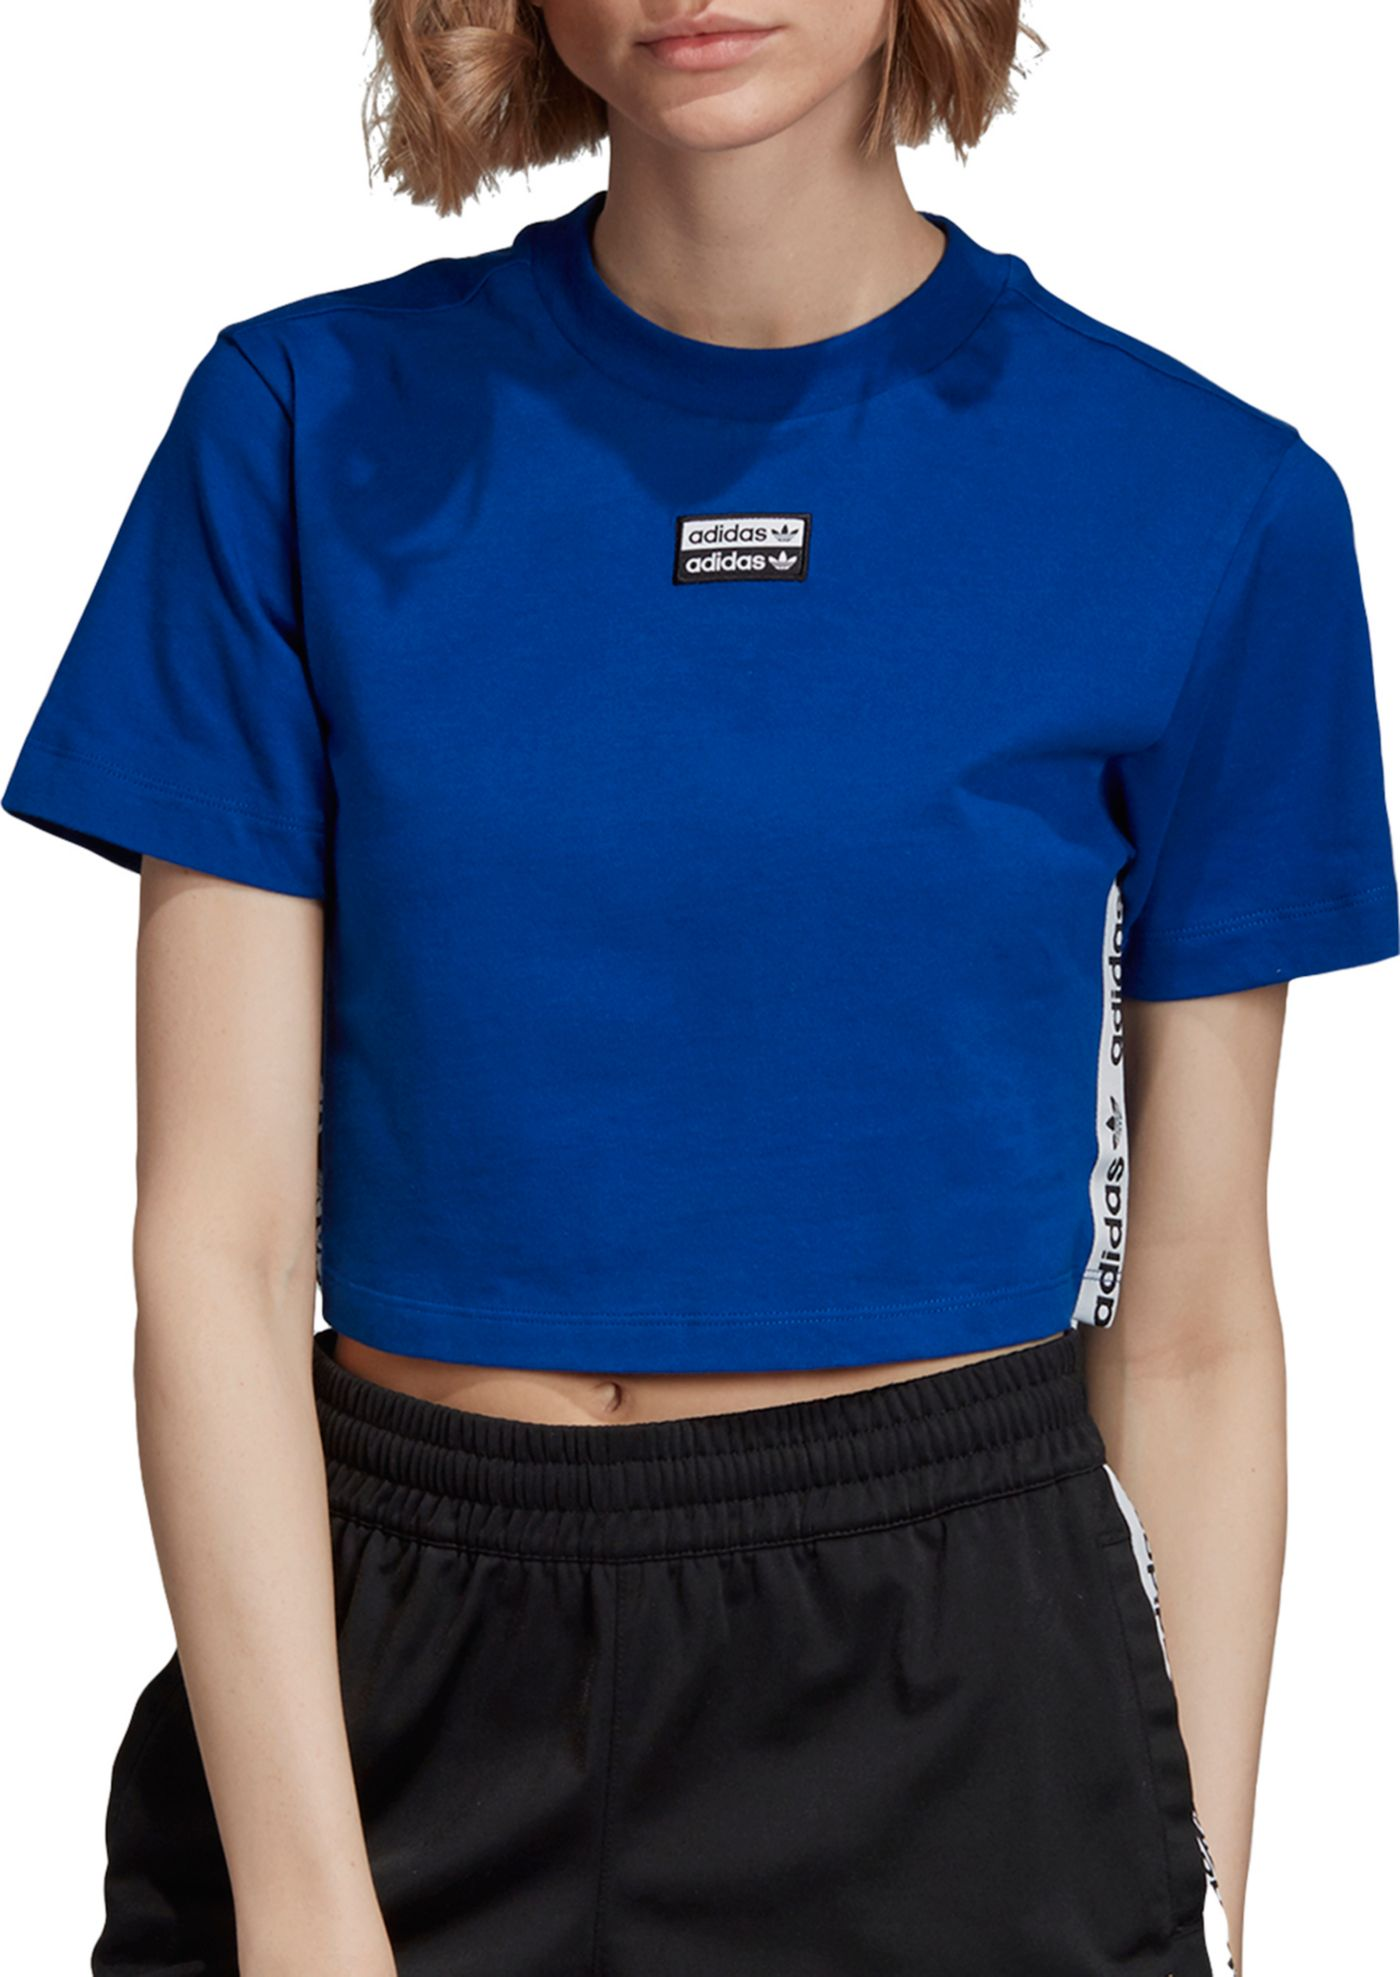 adidas Originals Women's Vocal Cropped T-Shirt